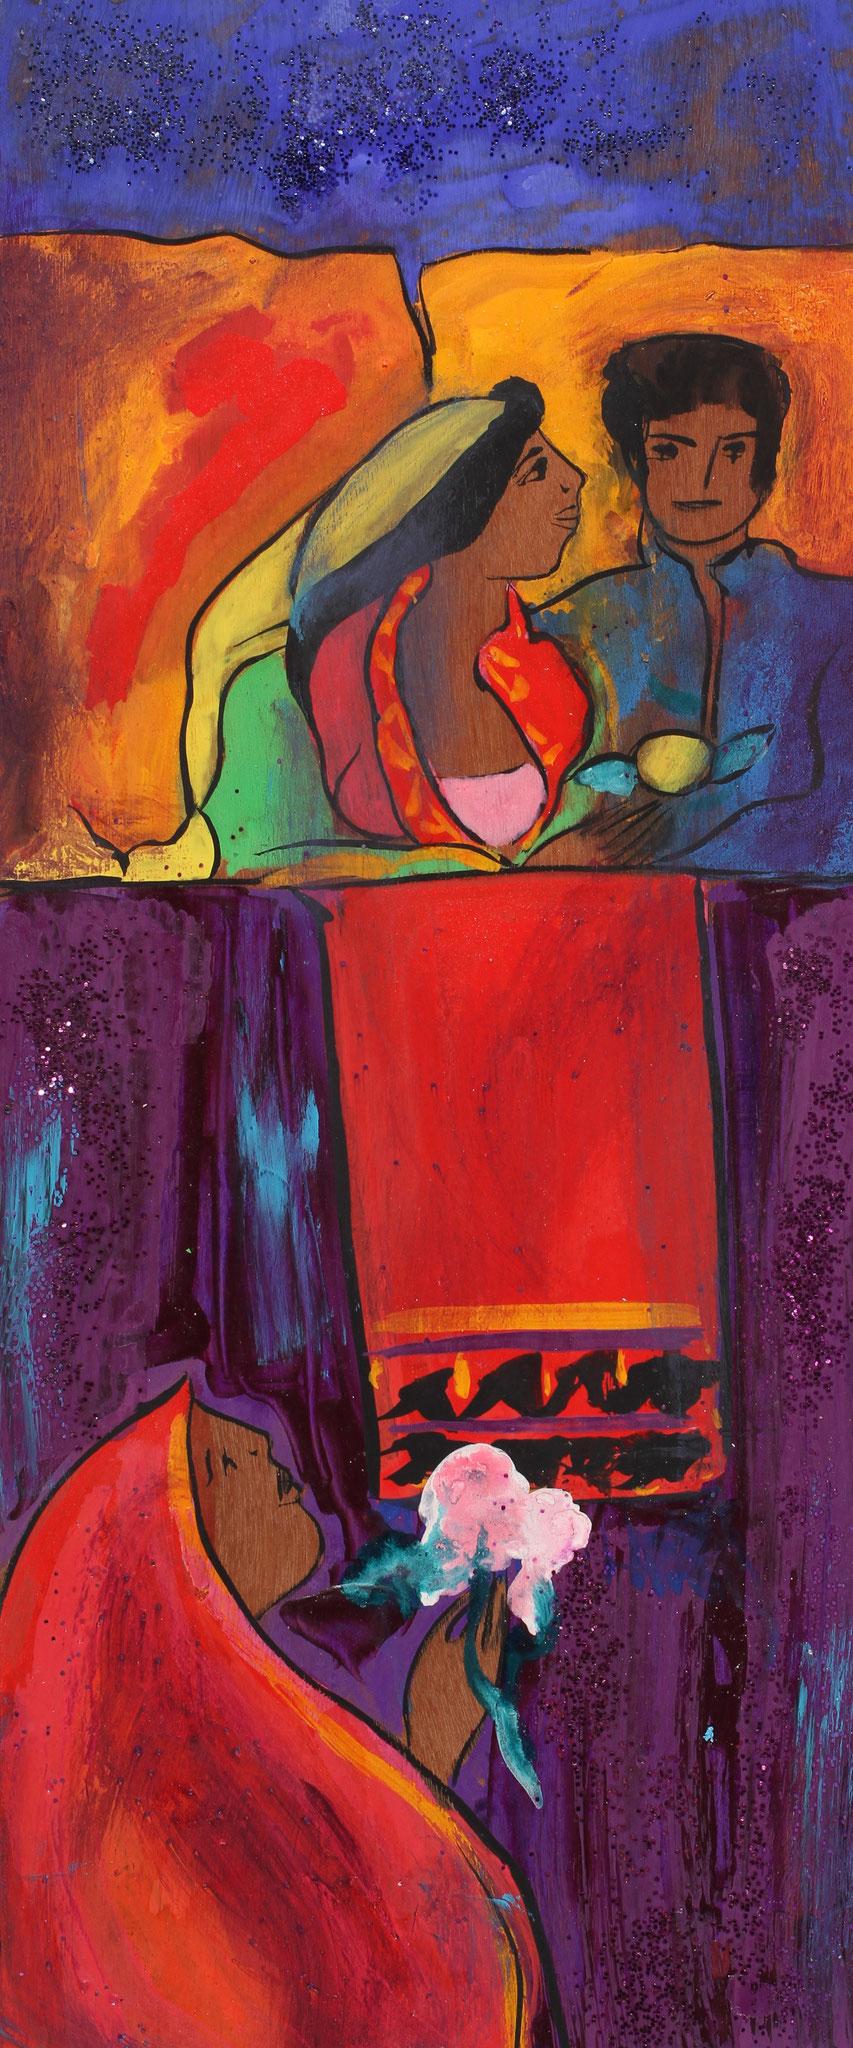 Noce indienne - wood - 2010 - Linda Le Kinff